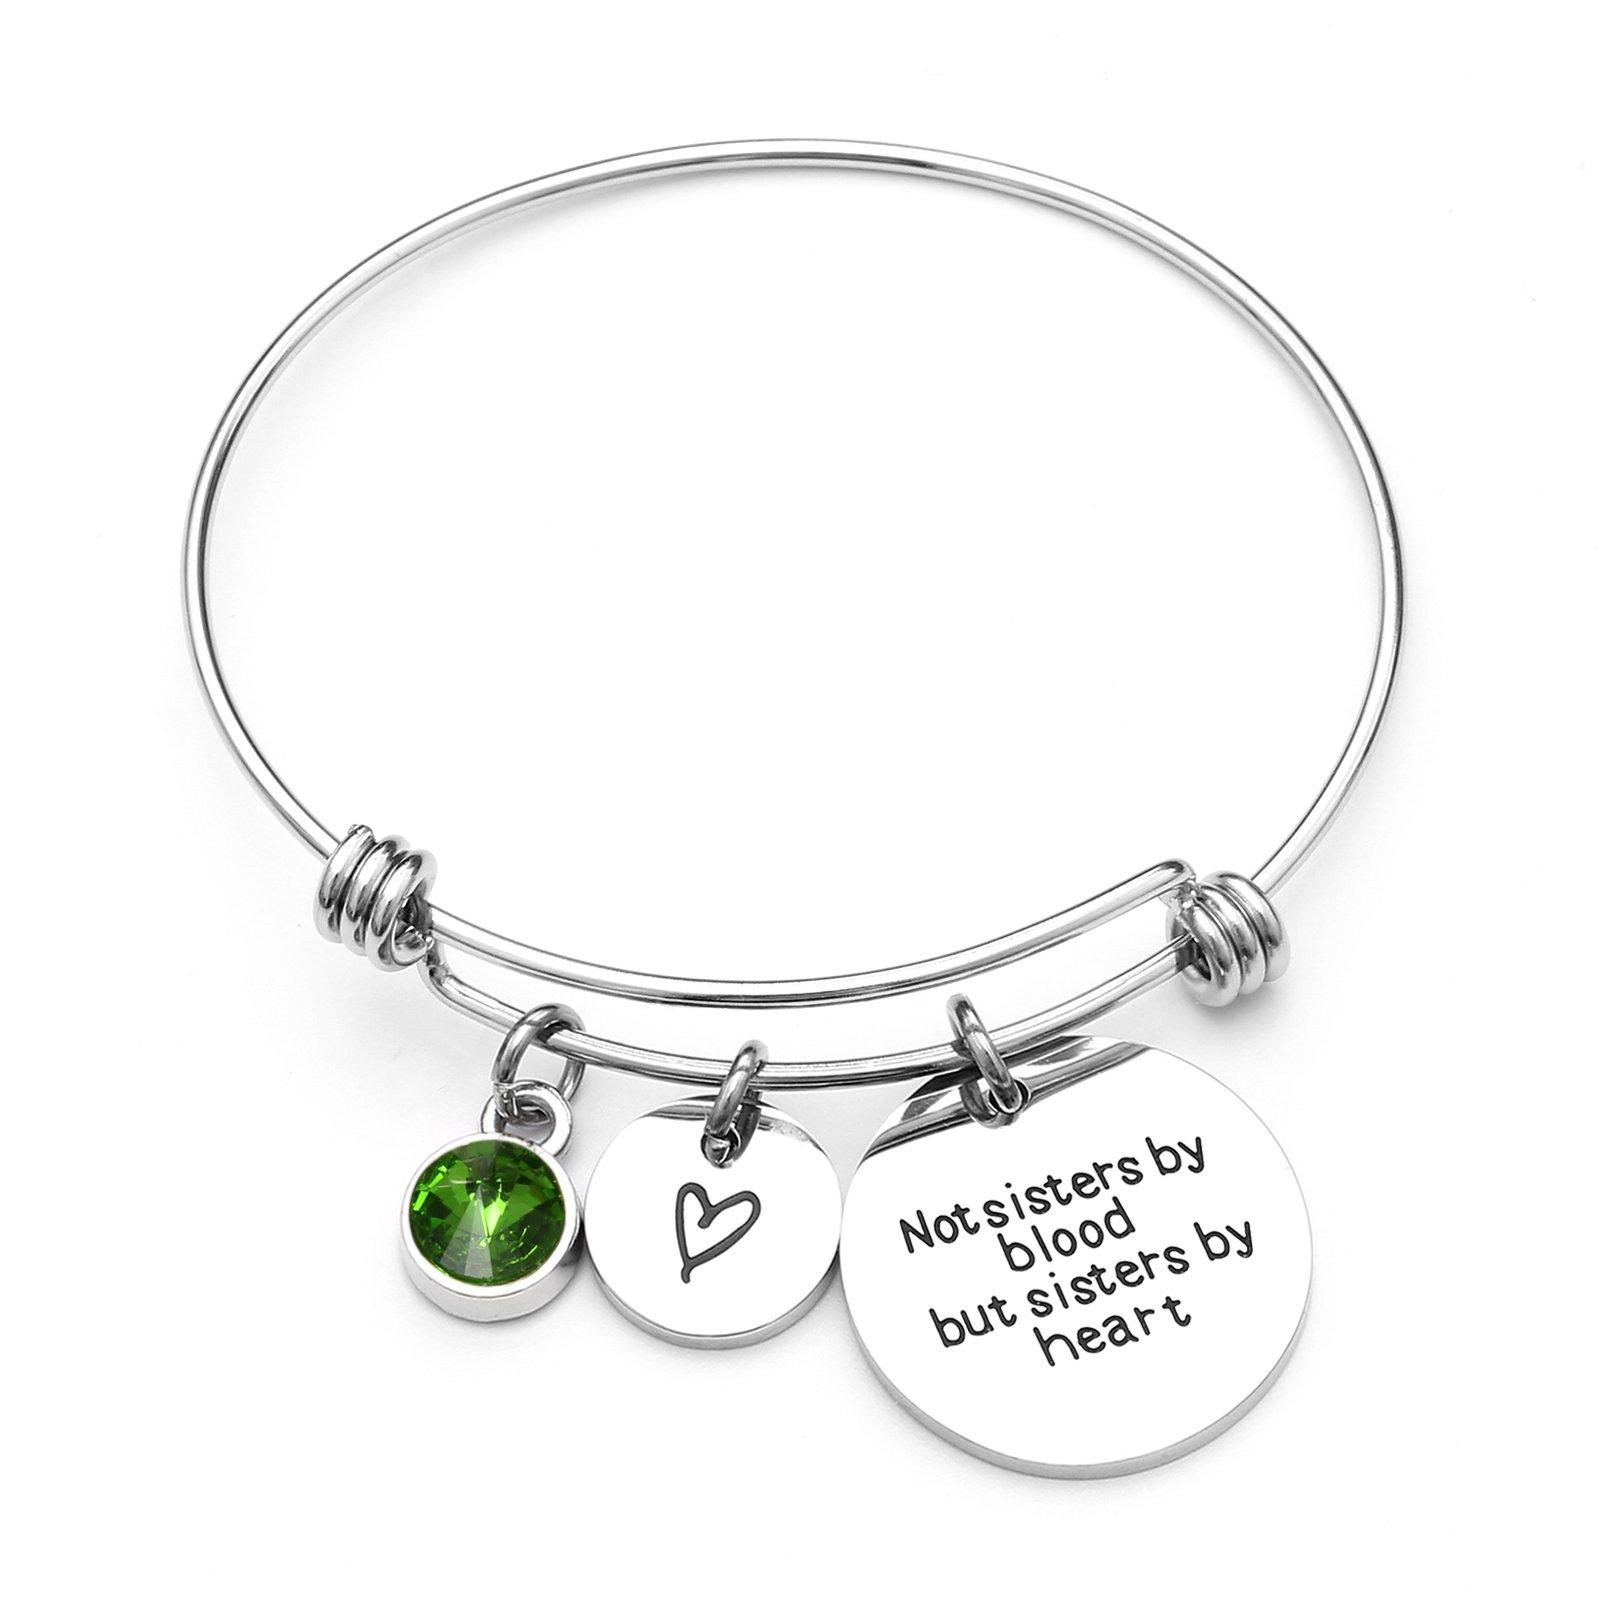 Best Friends Bracelets- Not Sisters By Blood But Sisters By Heart Bracelet- Sister Jewelry (August)